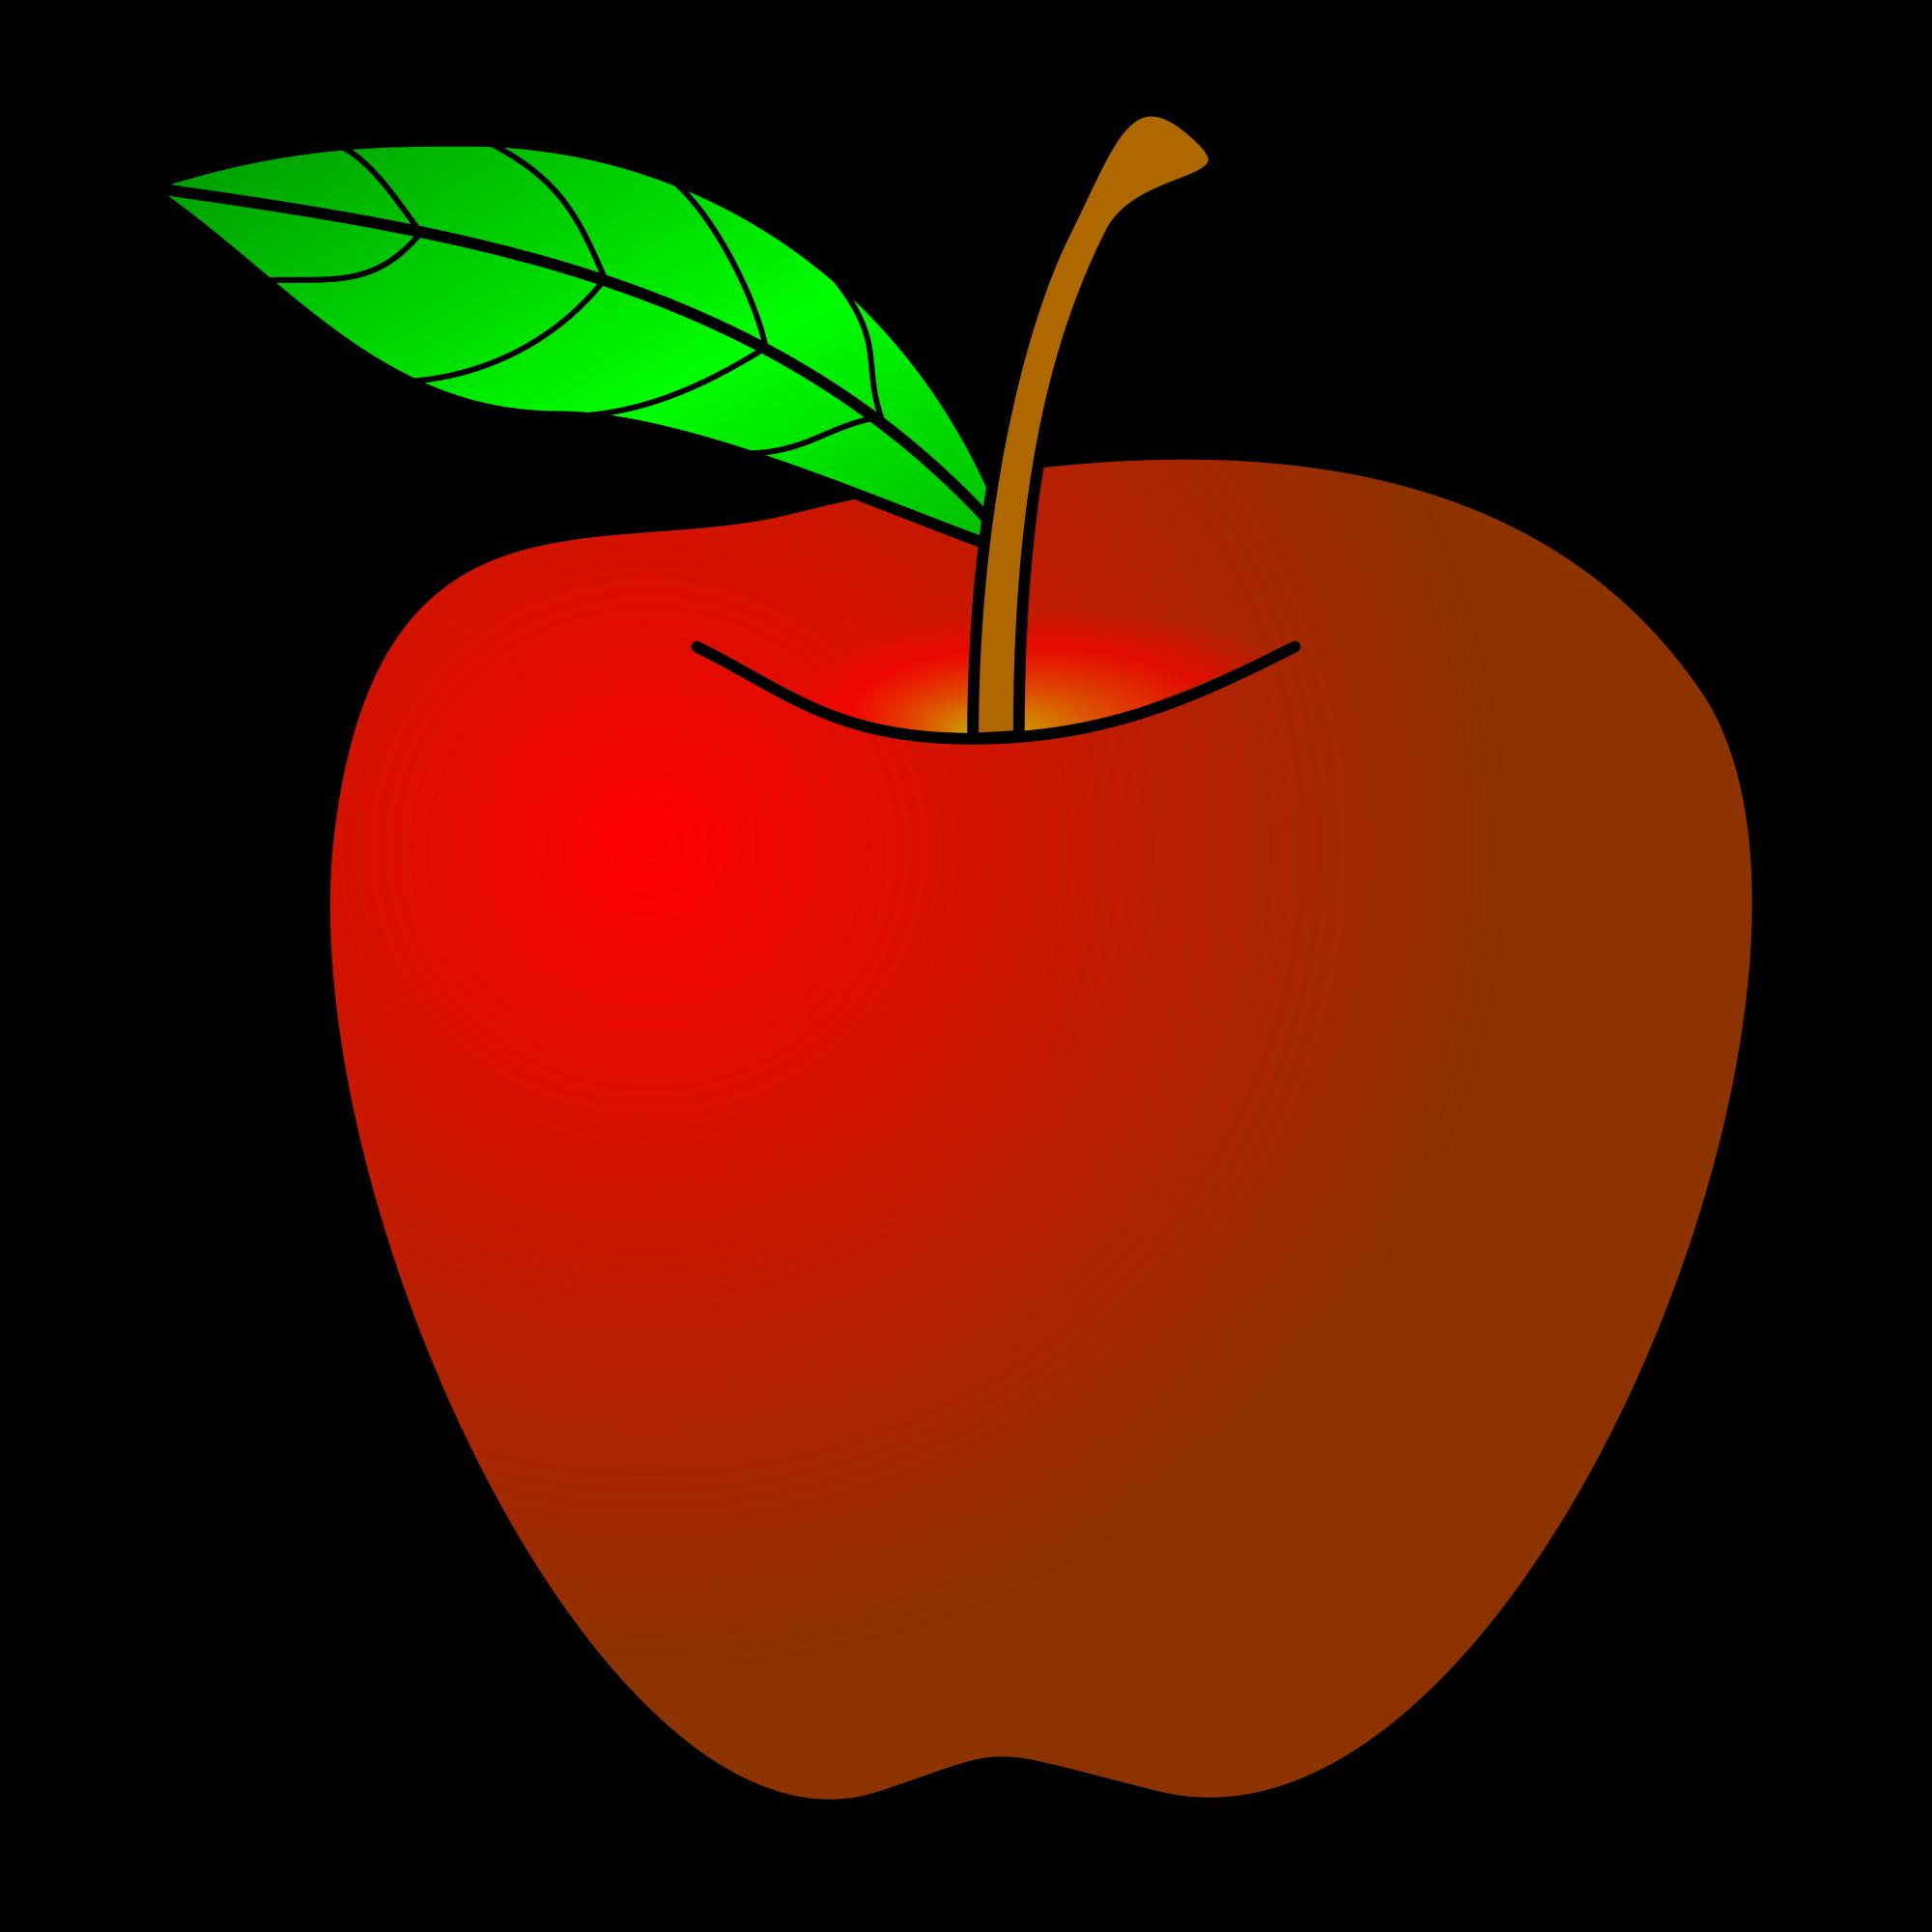 2000x2000 Filered Apple.svg